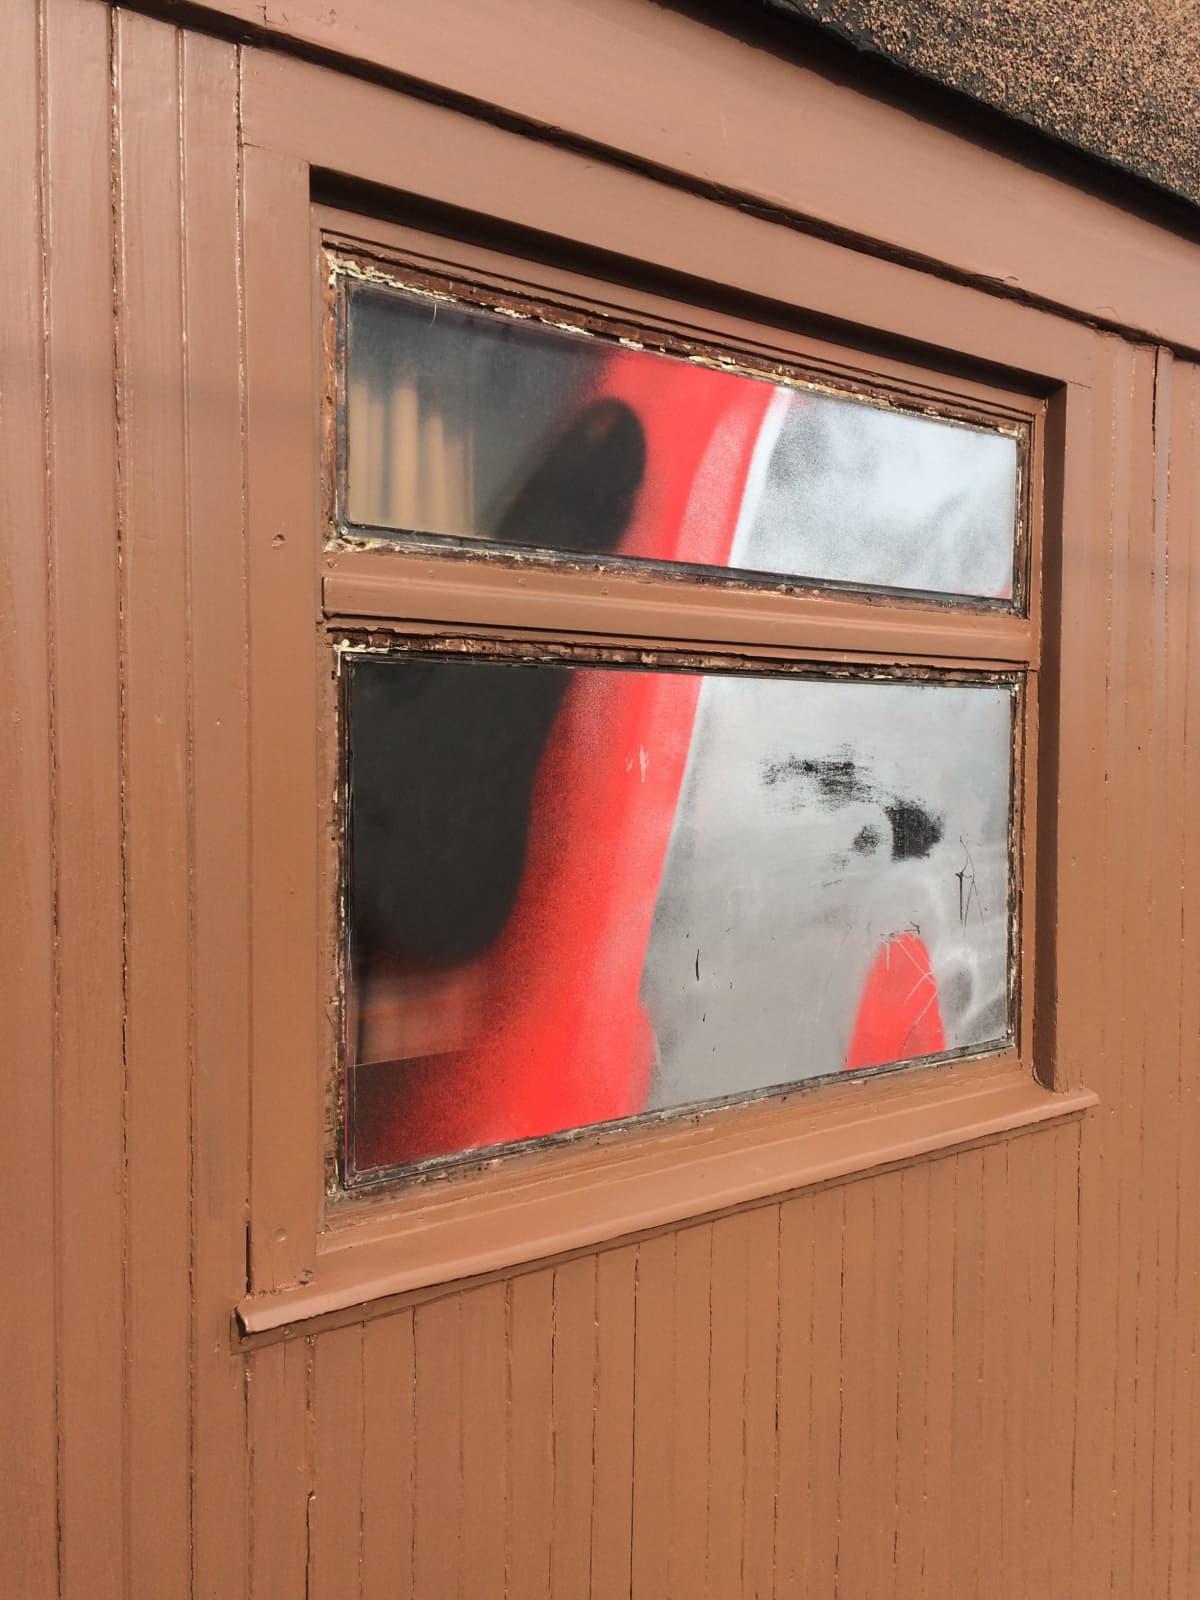 Graffitilla töhritty Mannerheimin salonkivaunu paikkamaalauksen jälkeen.